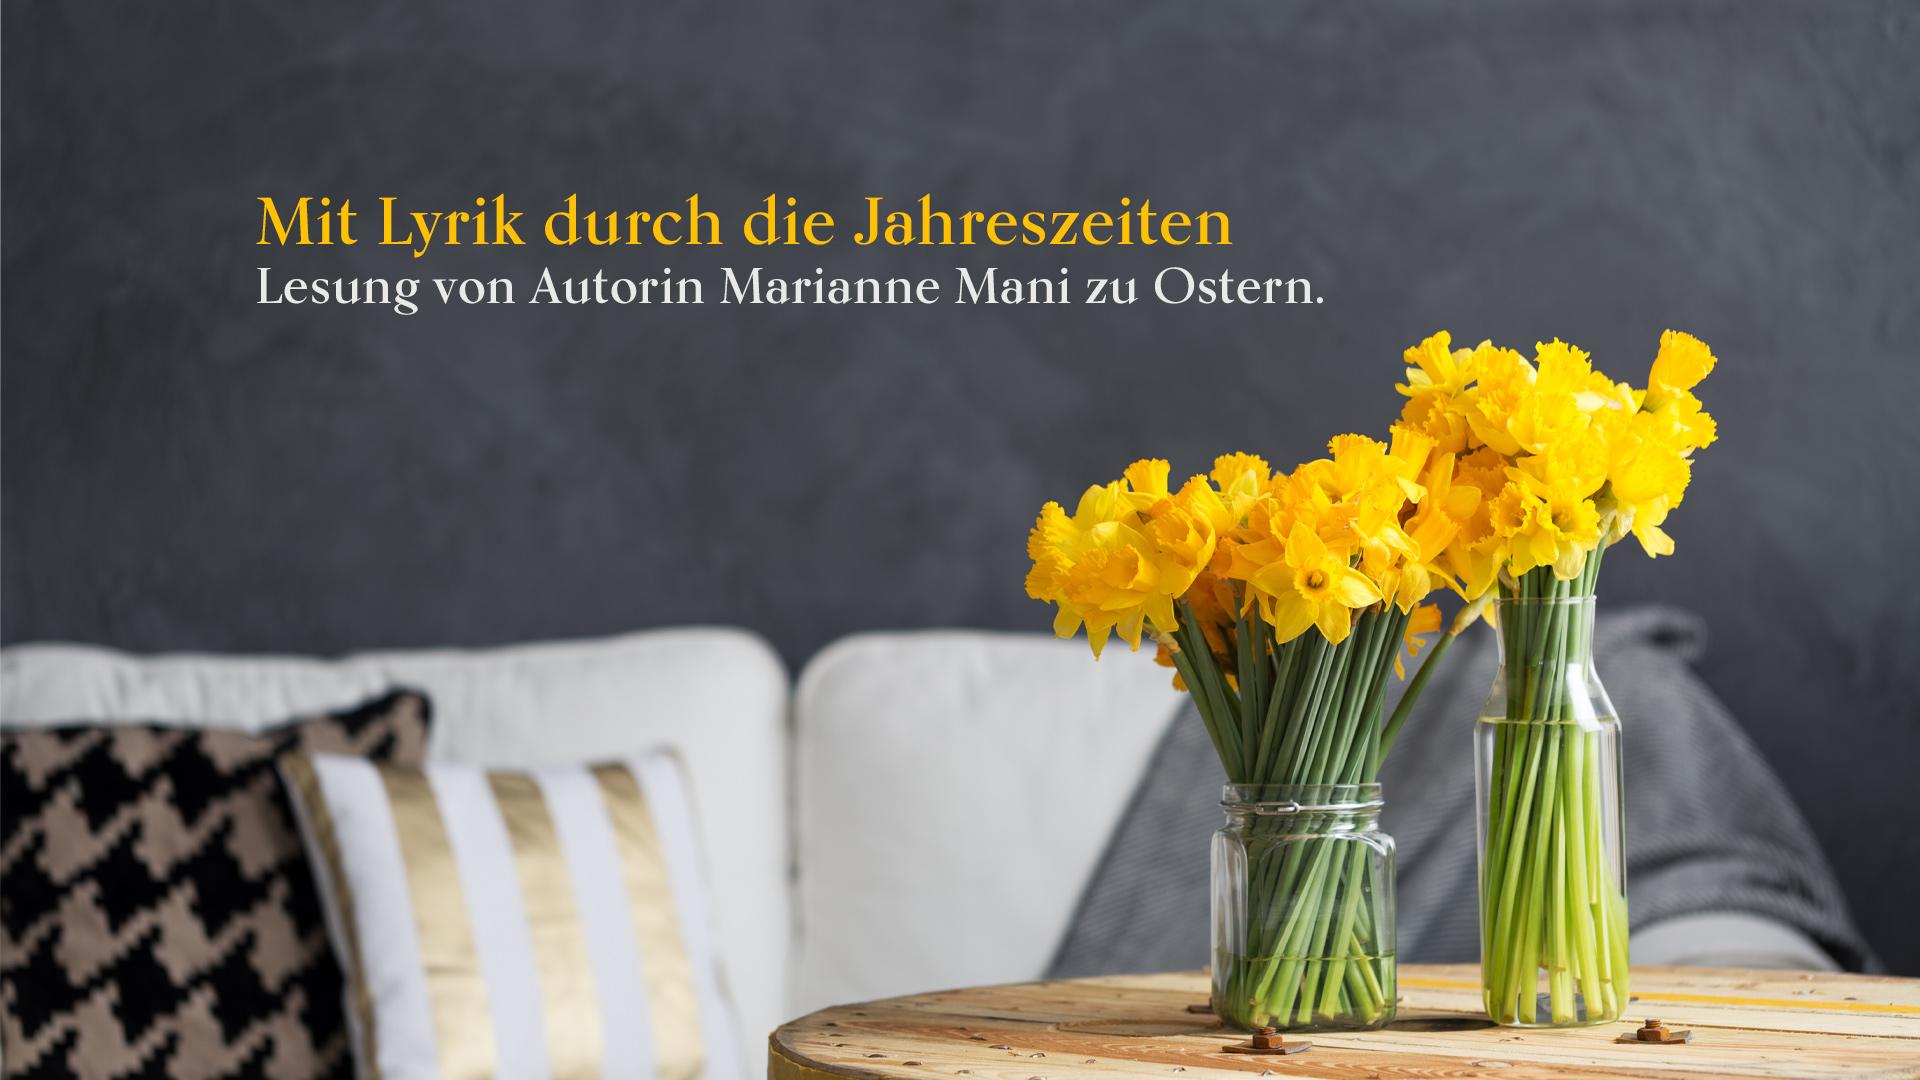 Mit Lyrik durch die Jahreszeiten: Lesung von Autorin Marianne Mani zu Ostern